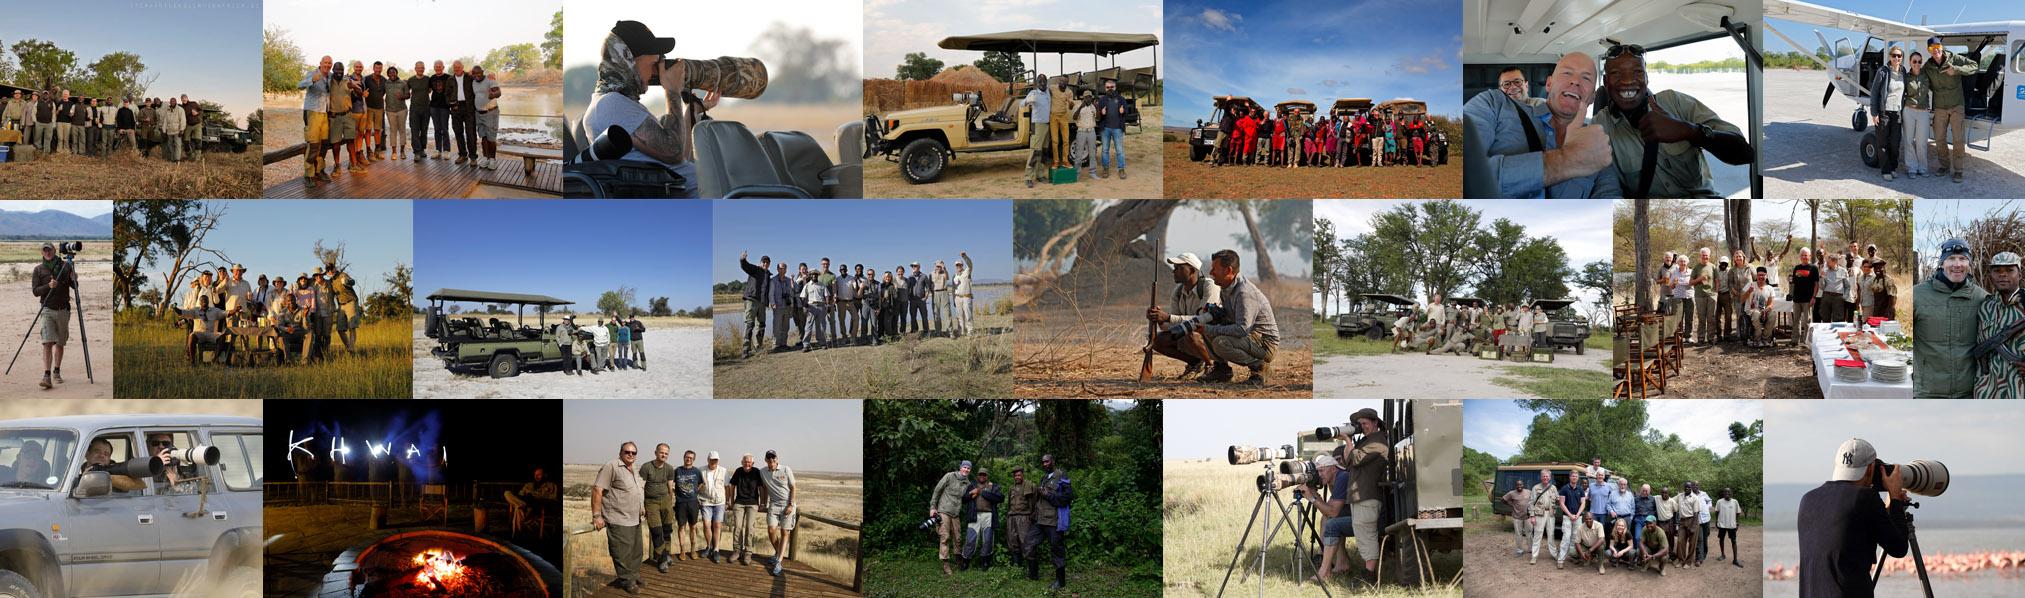 Fotosafari Afrika